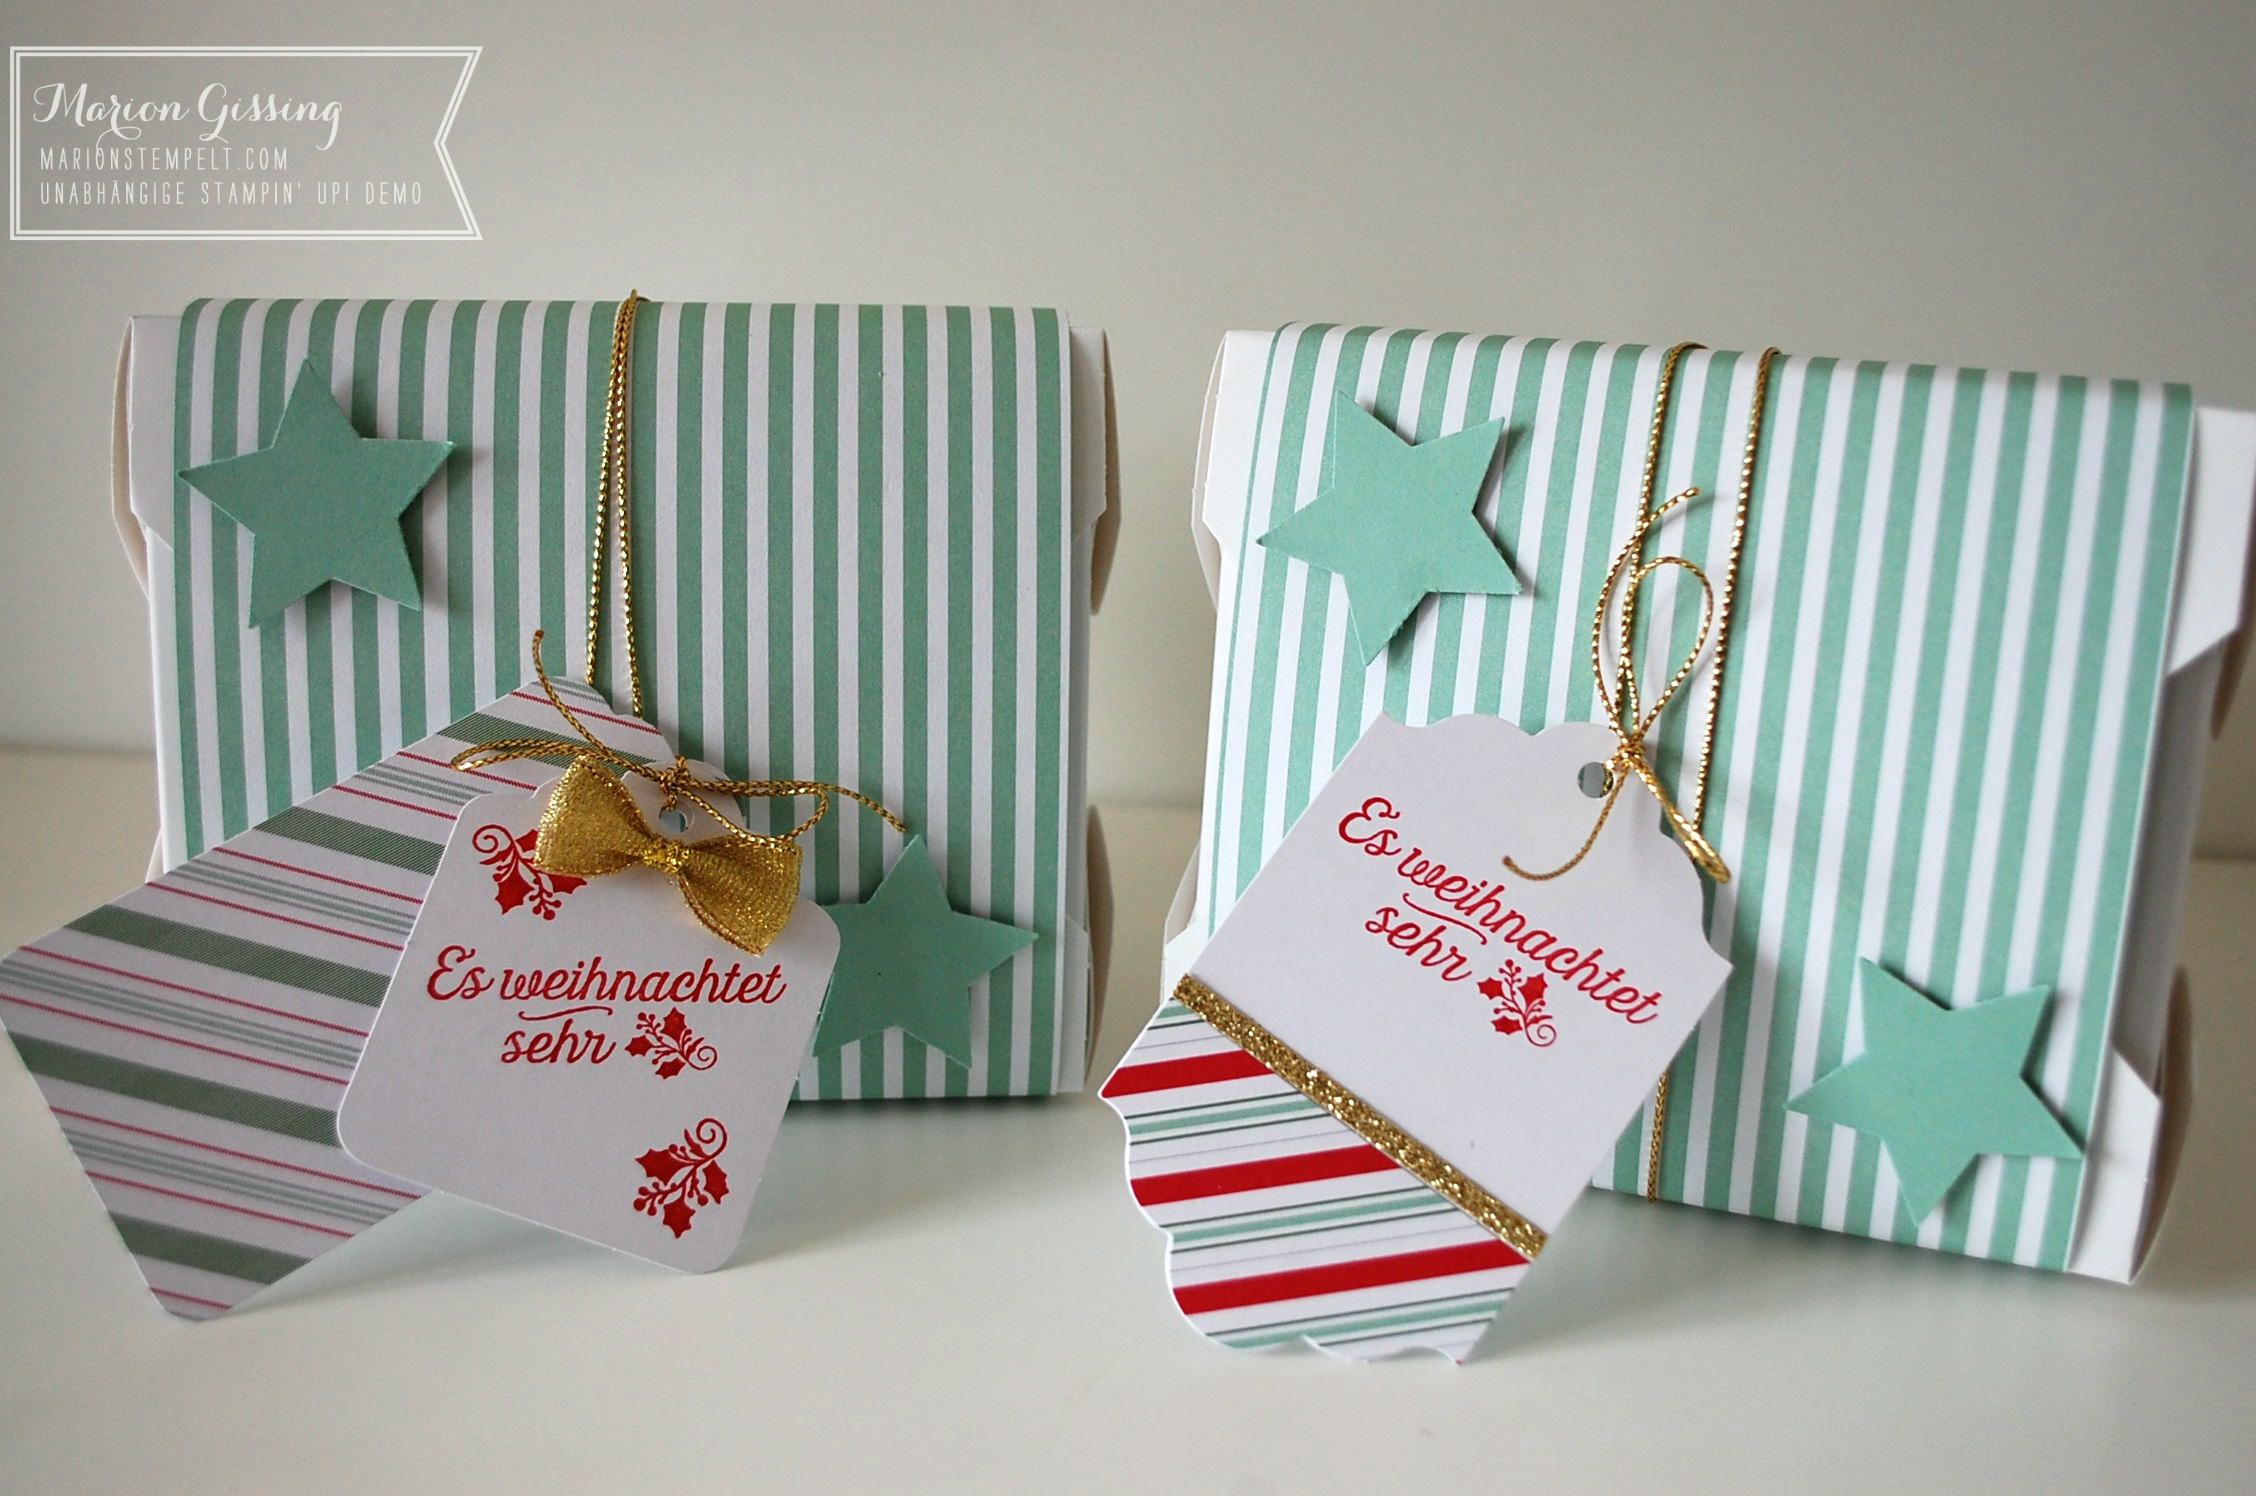 Meine Weihnachtsgeschenke.Weihnachtsgeschenke Für Meine Kolleginnen Stampin Up In München